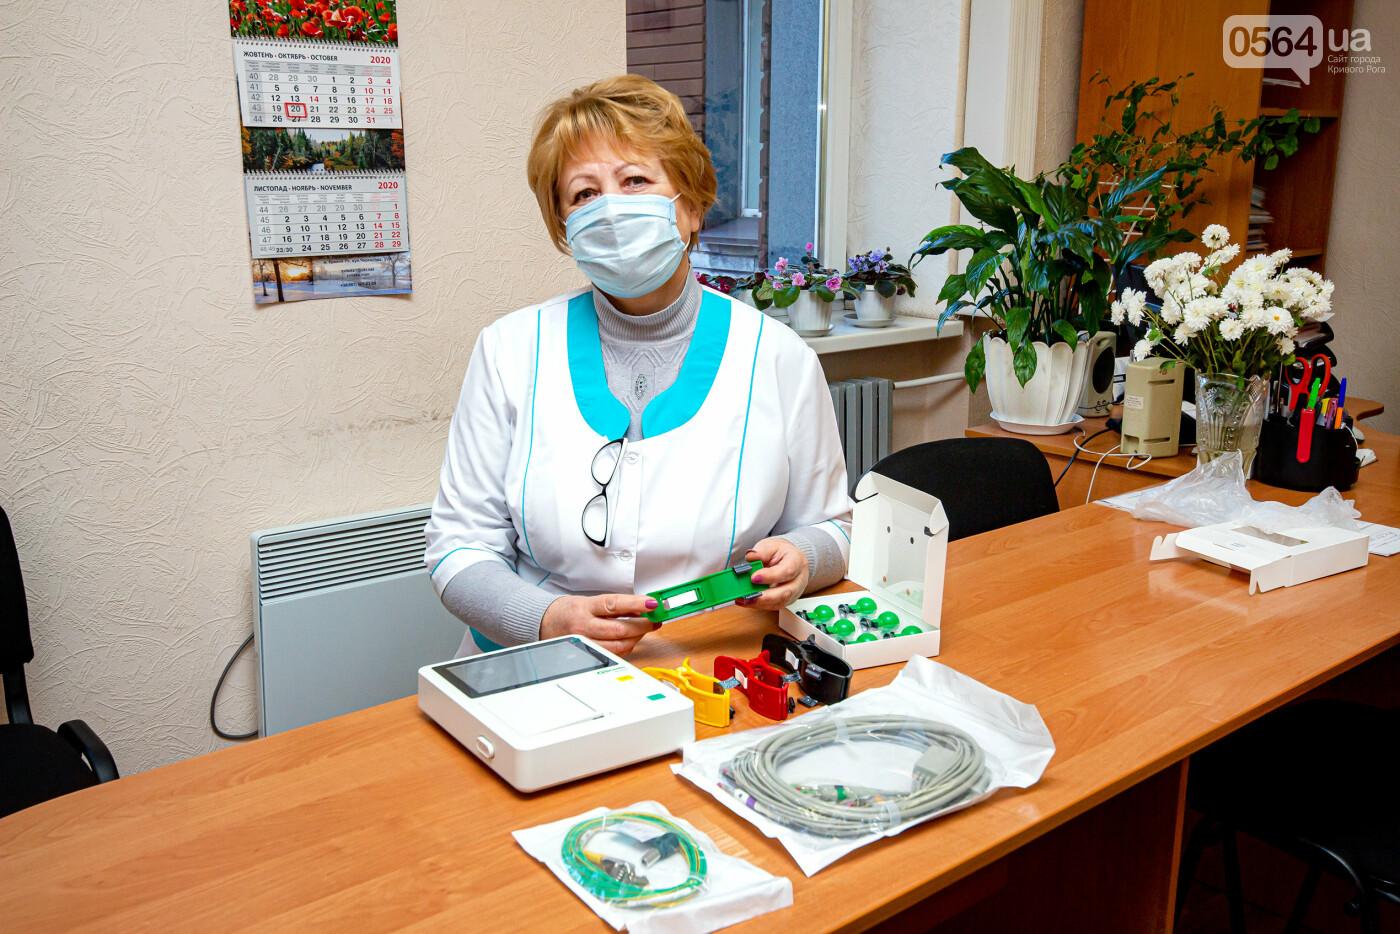 Метинвест инвестировал в безопасность сотрудников около 400 миллионов гривен, фото-4